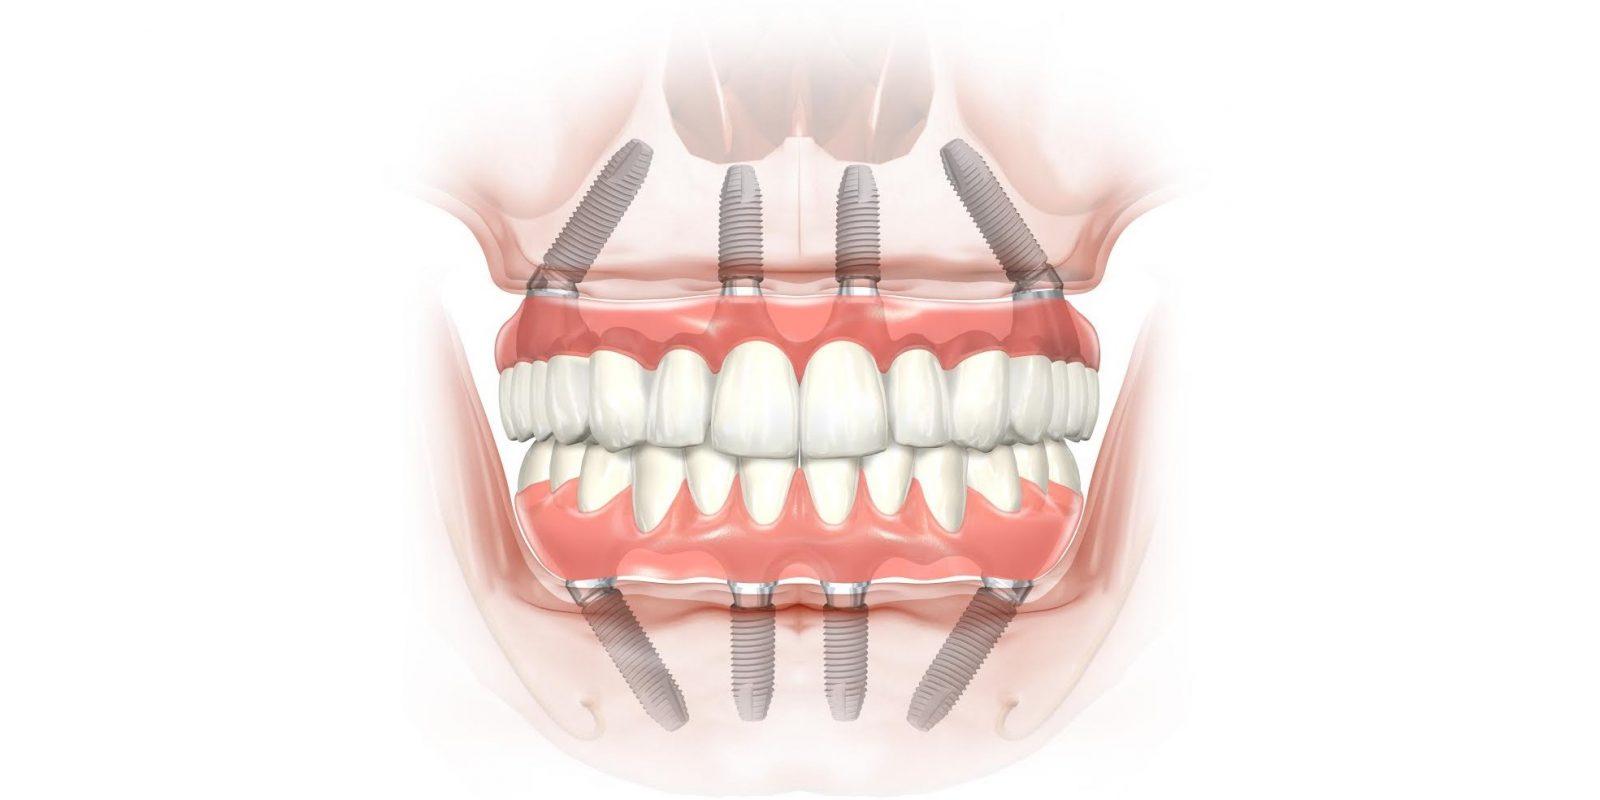 имплантация all on 4 в Волгограде в стоматологической клинике ДАША